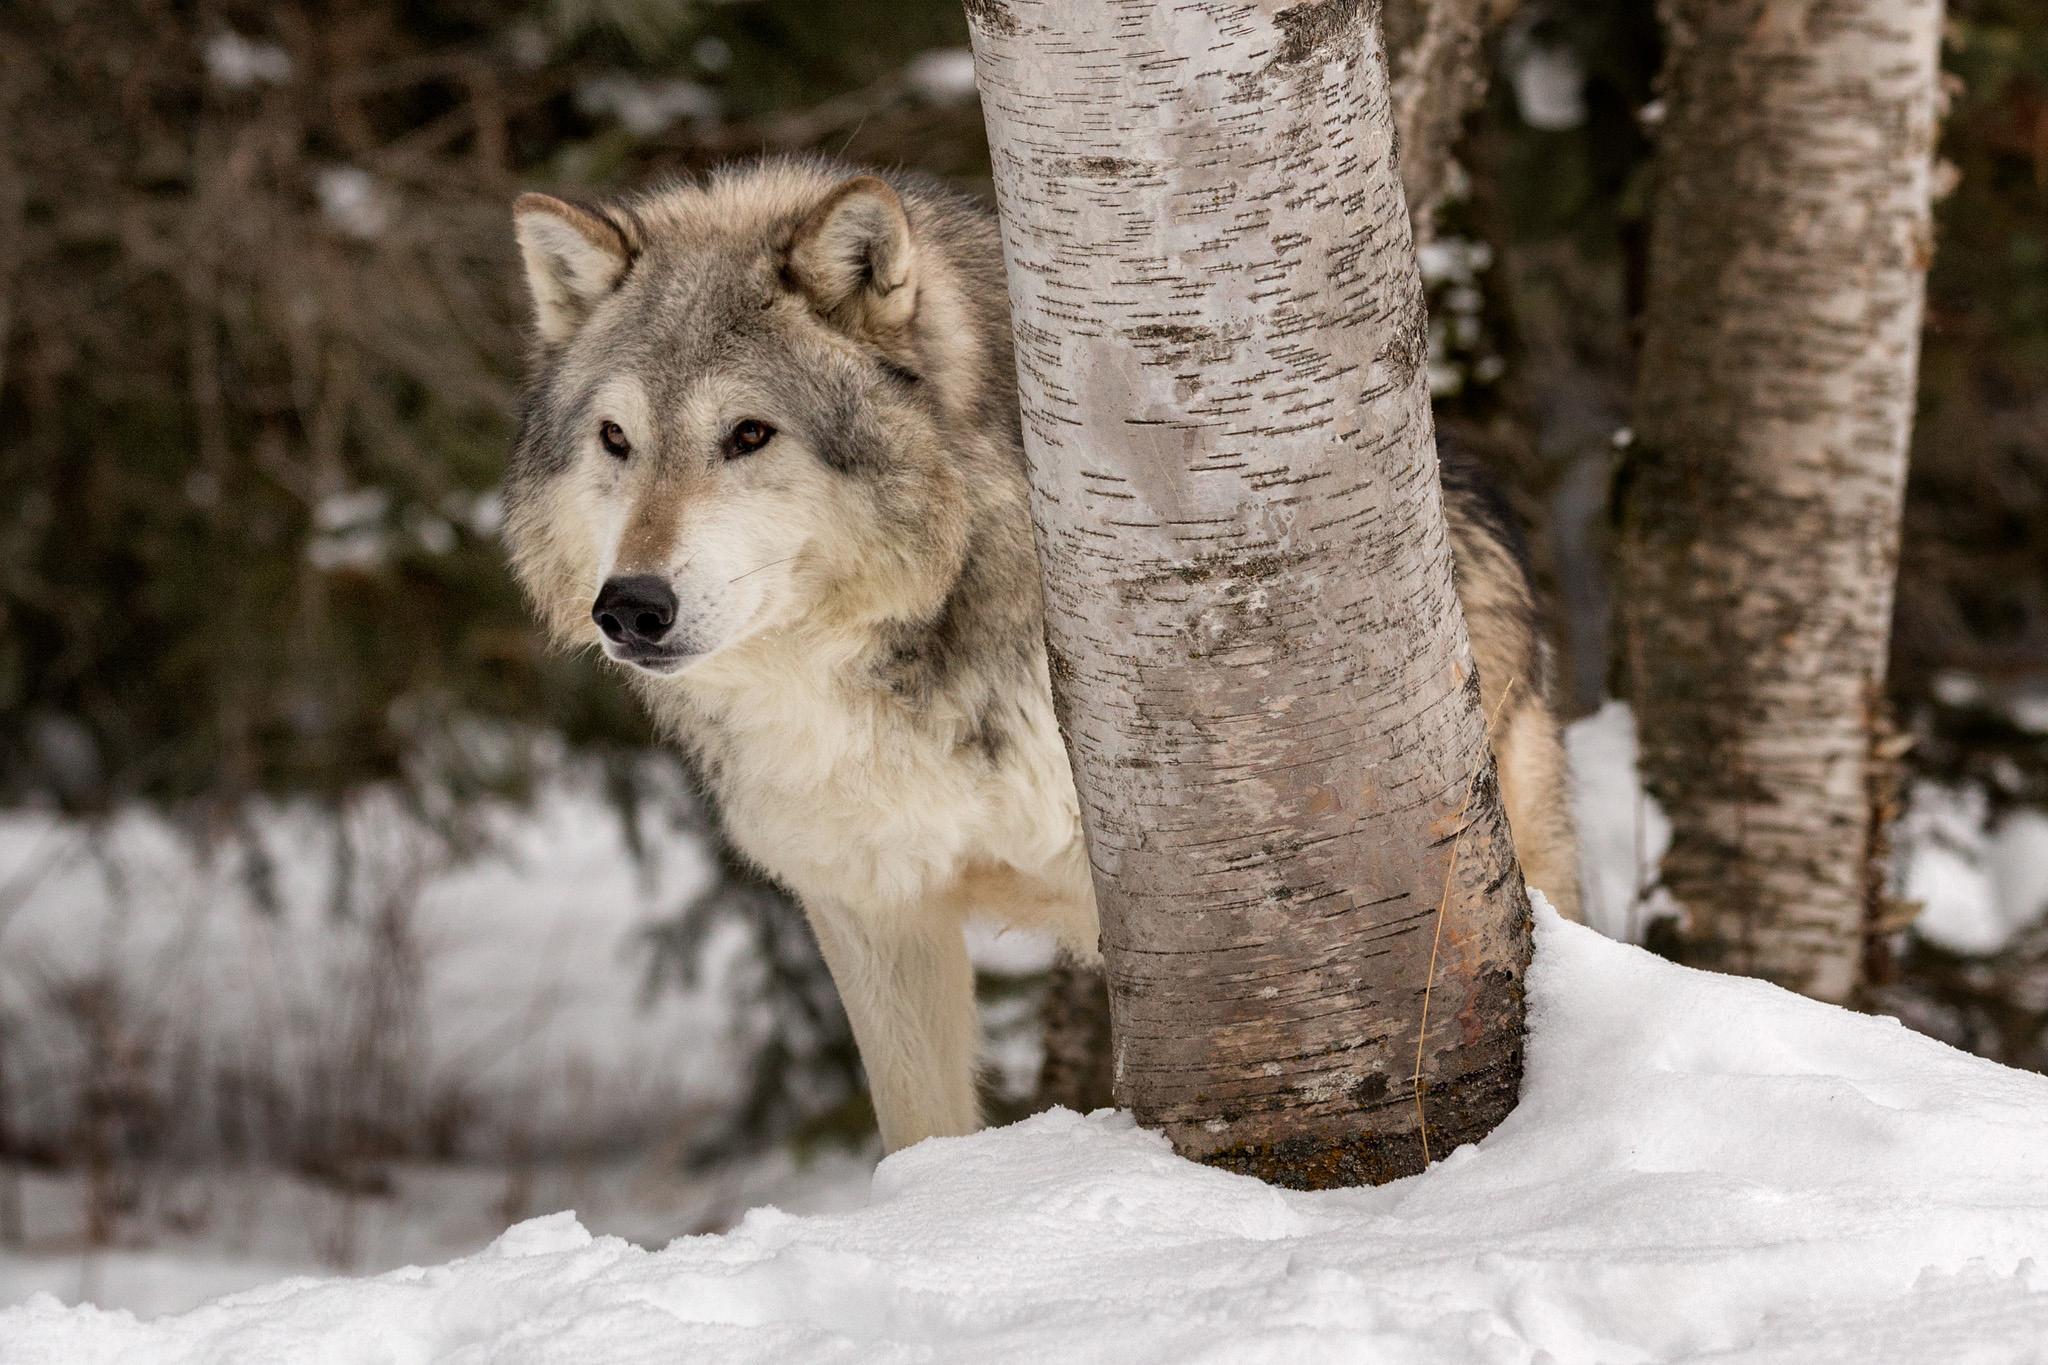 лазурный берег волк в зимнем лесу фото листе бумаги